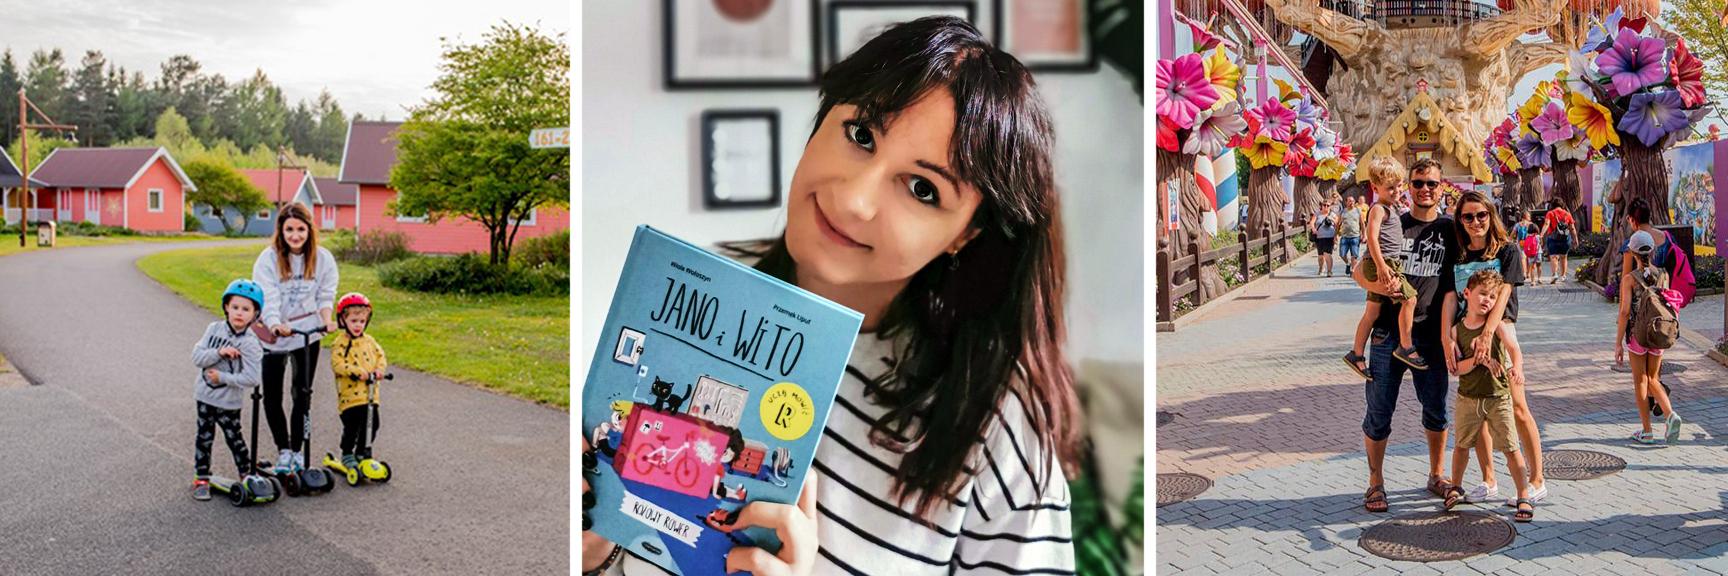 """""""Były trzy momenty, kiedy myślałam, że Jano i Wito nigdy nie ujrzą światła dziennego"""" – mówi Wiola Wołoszyn, autorka bestsellerowej serii dla dzieci"""